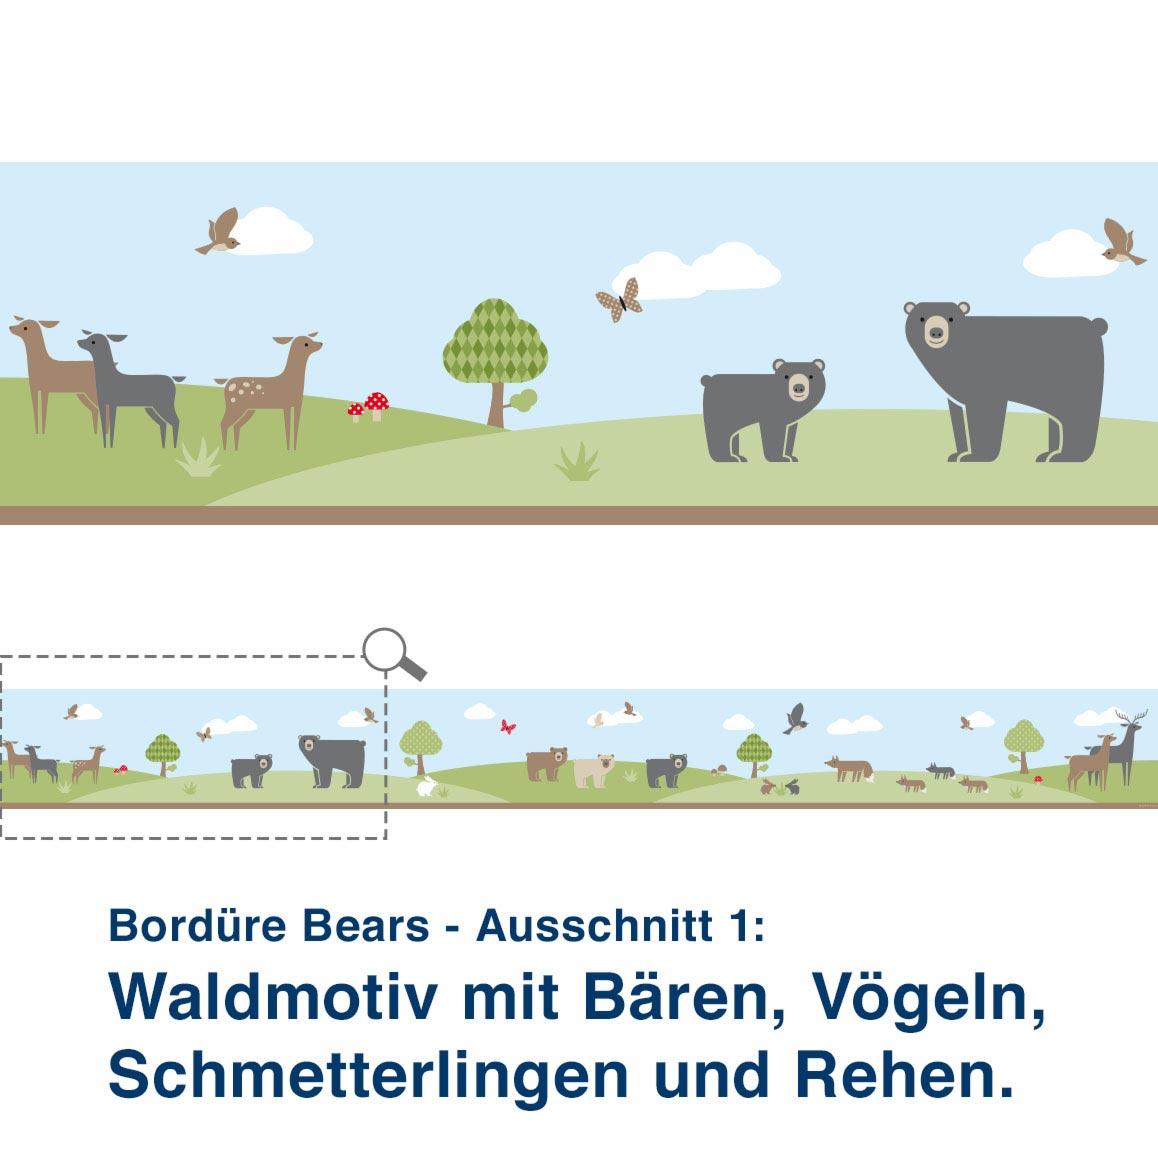 Bordüre Bears - Ausschnitt 1:   Waldmotiv mit Bären, Vögeln, Schmetterlingen und Rehen. den Bären viel zu entdecken.